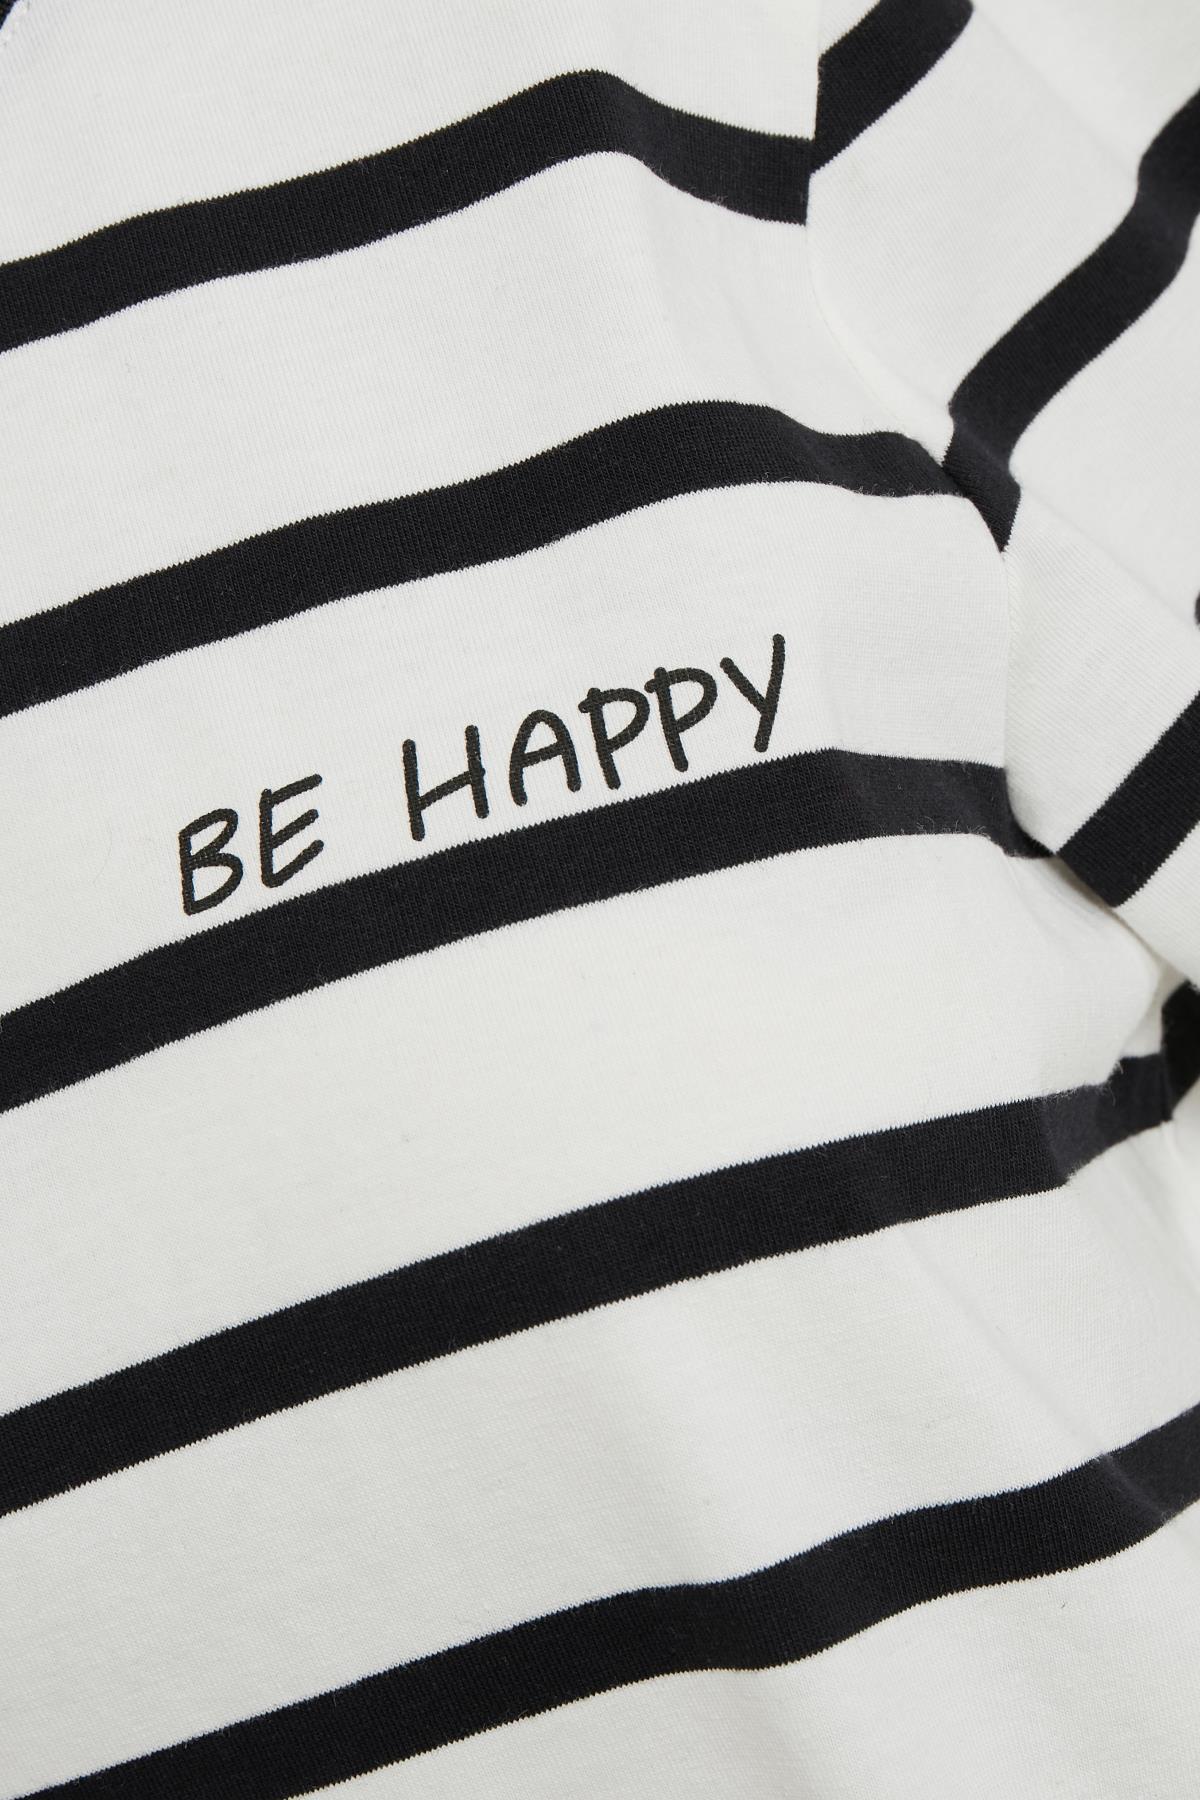 Wit/zwart T-shirt korte mouw van Kaffe – Door Wit/zwart T-shirt korte mouw van maat. XS-XXL hier